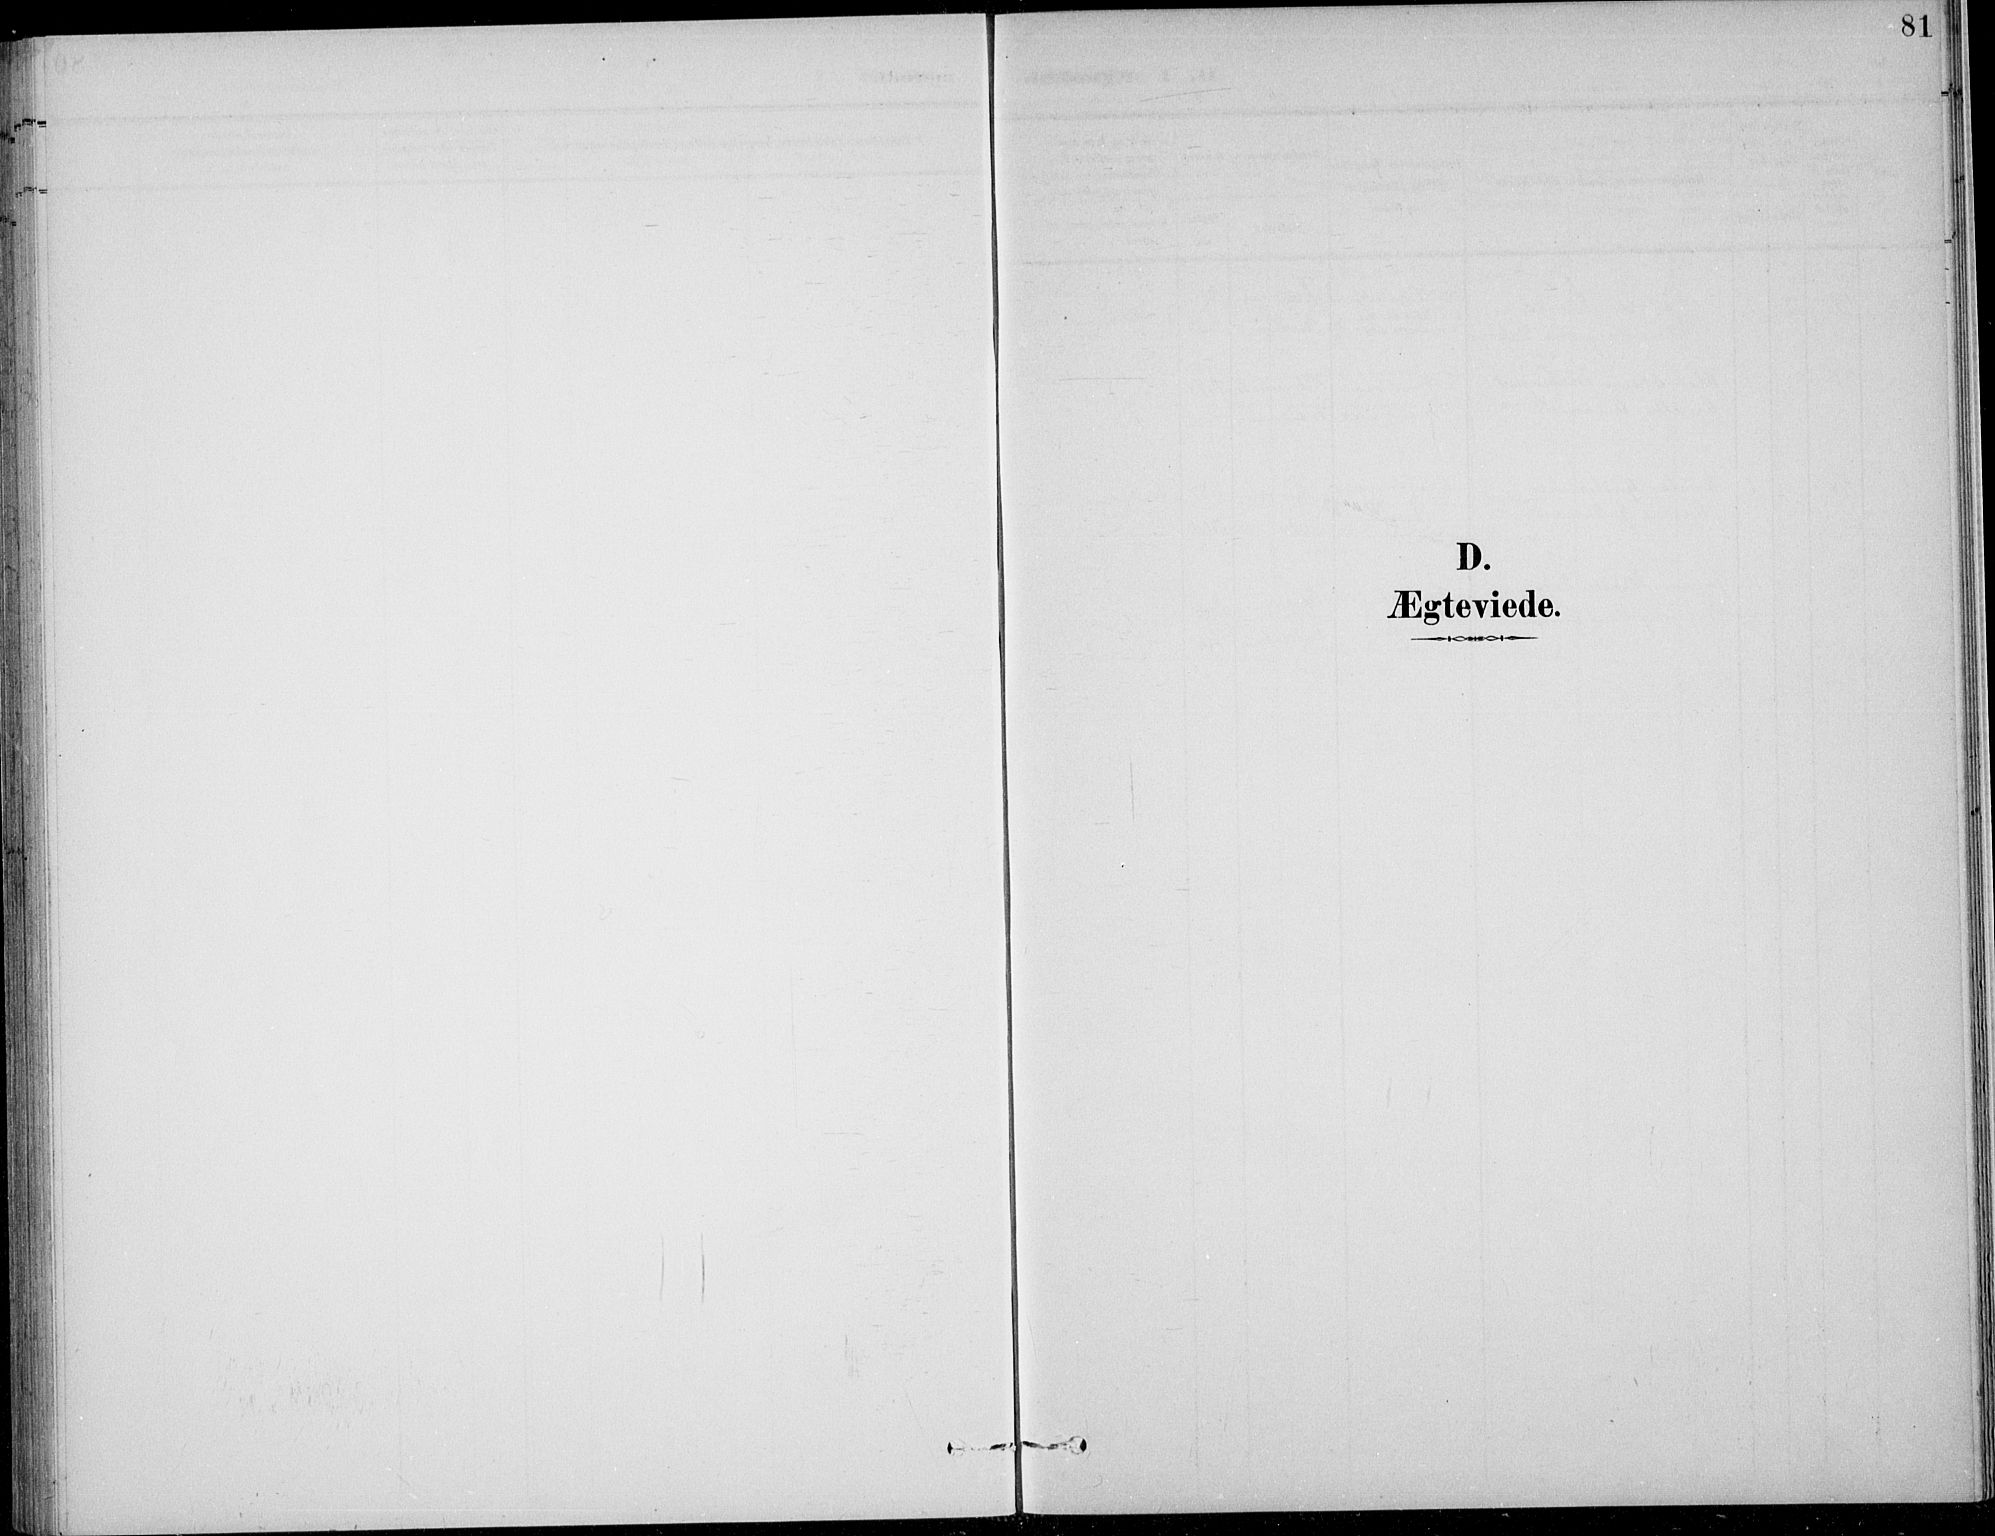 SAH, Nordre Land prestekontor, Klokkerbok nr. 14, 1891-1907, s. 81